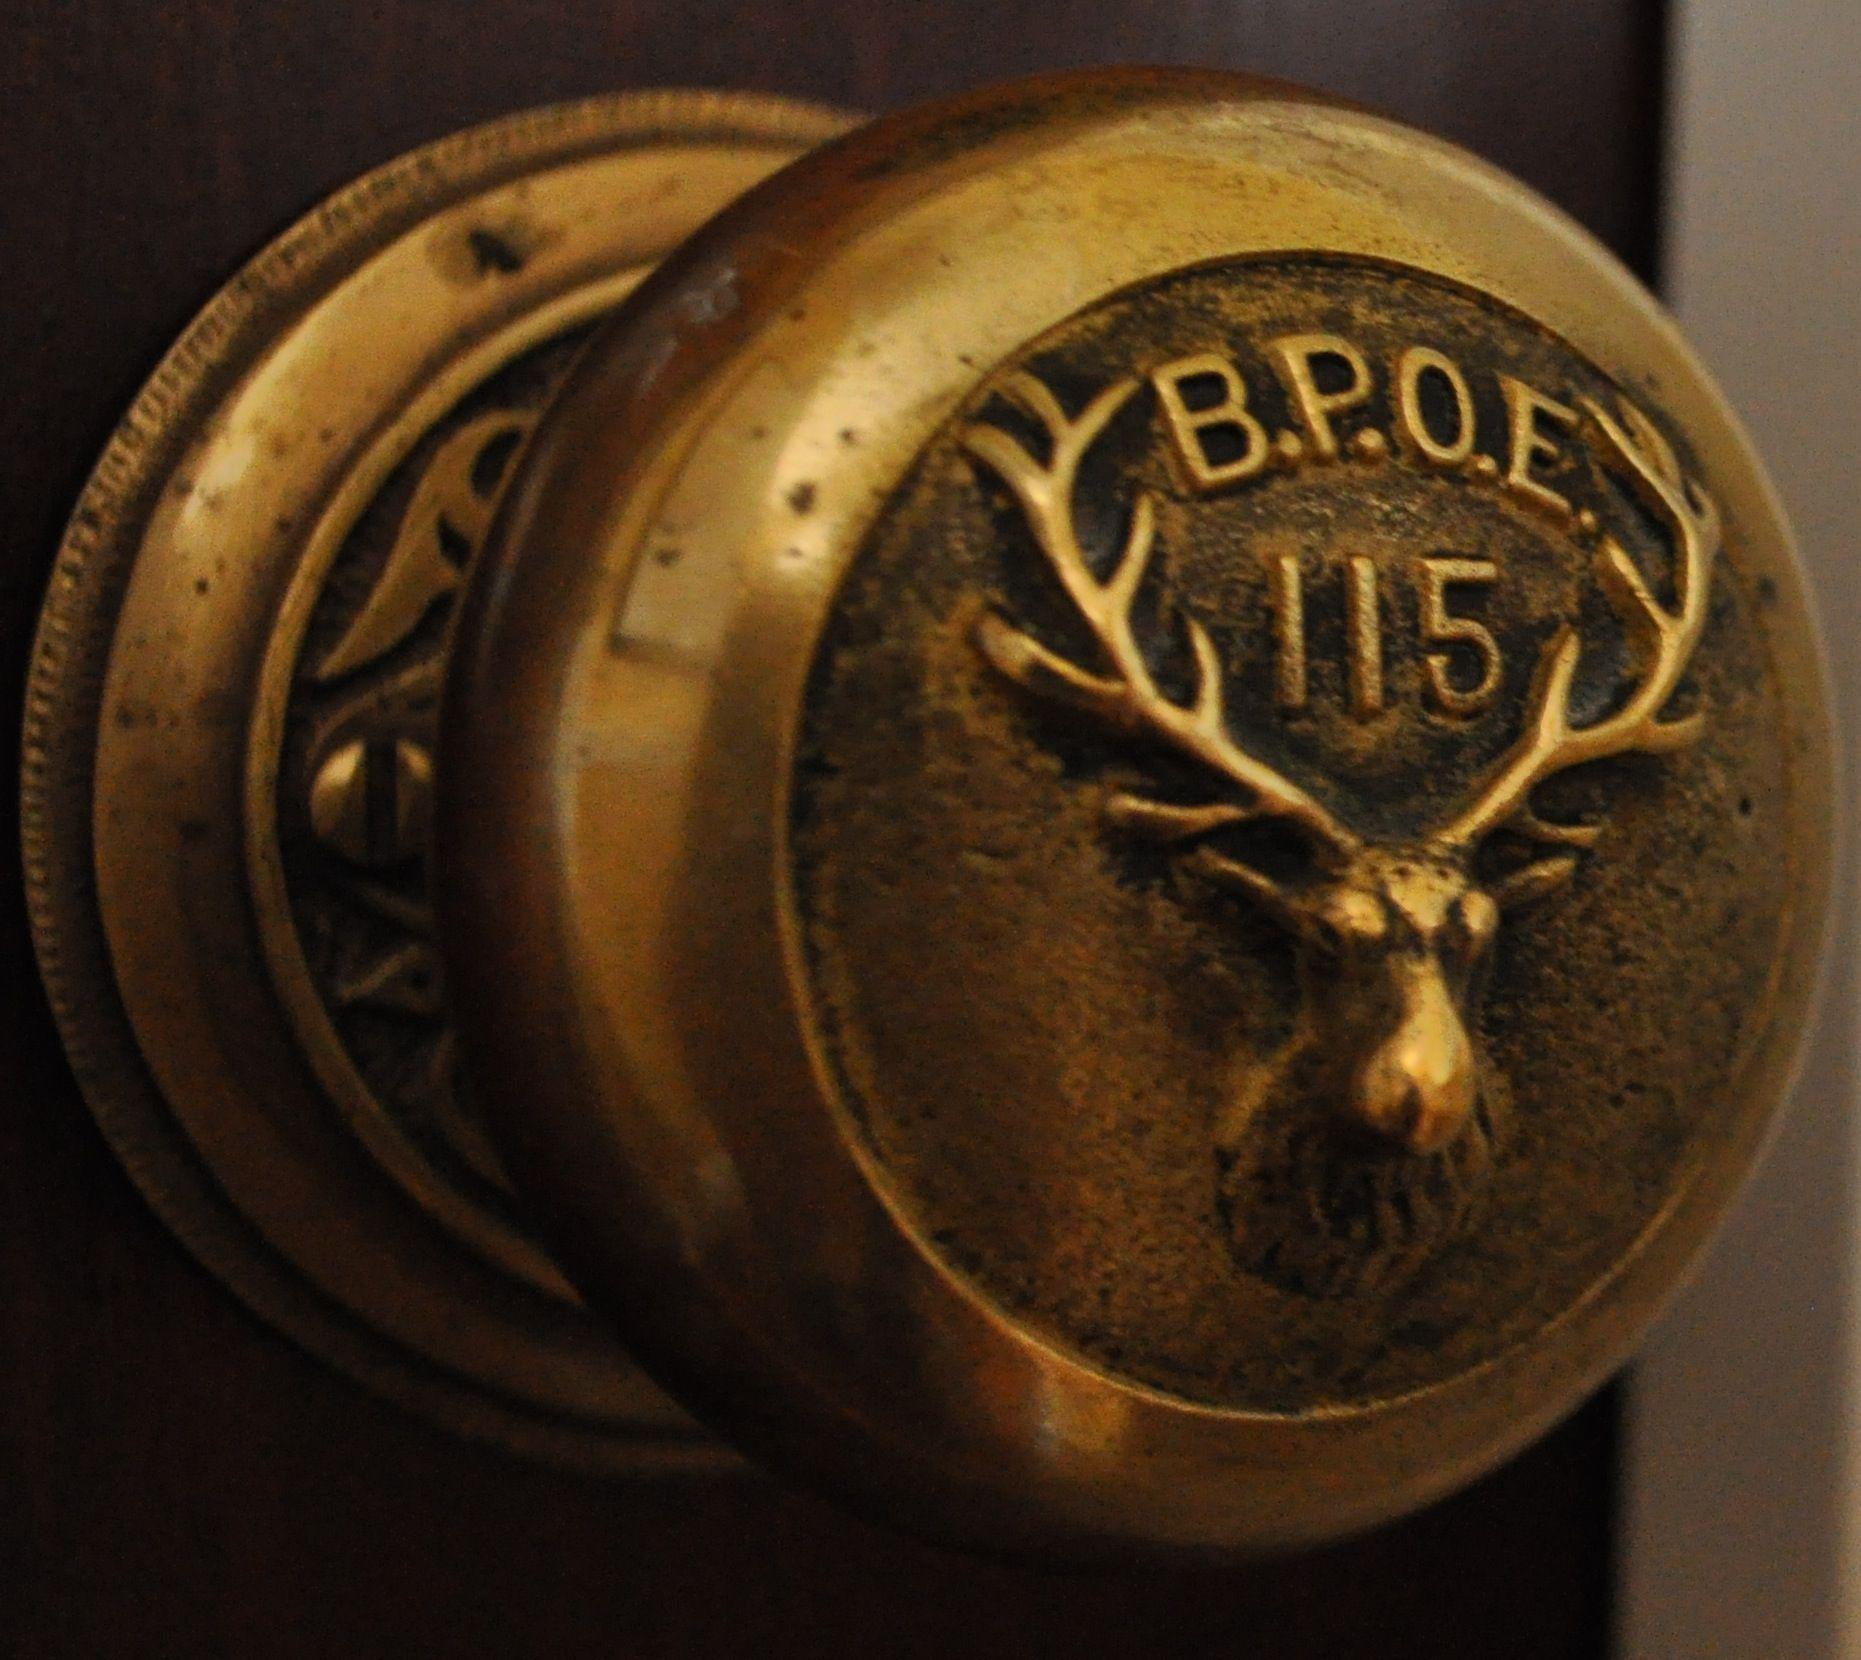 Pin de Willy Evers en Door knobs & handles | Pinterest